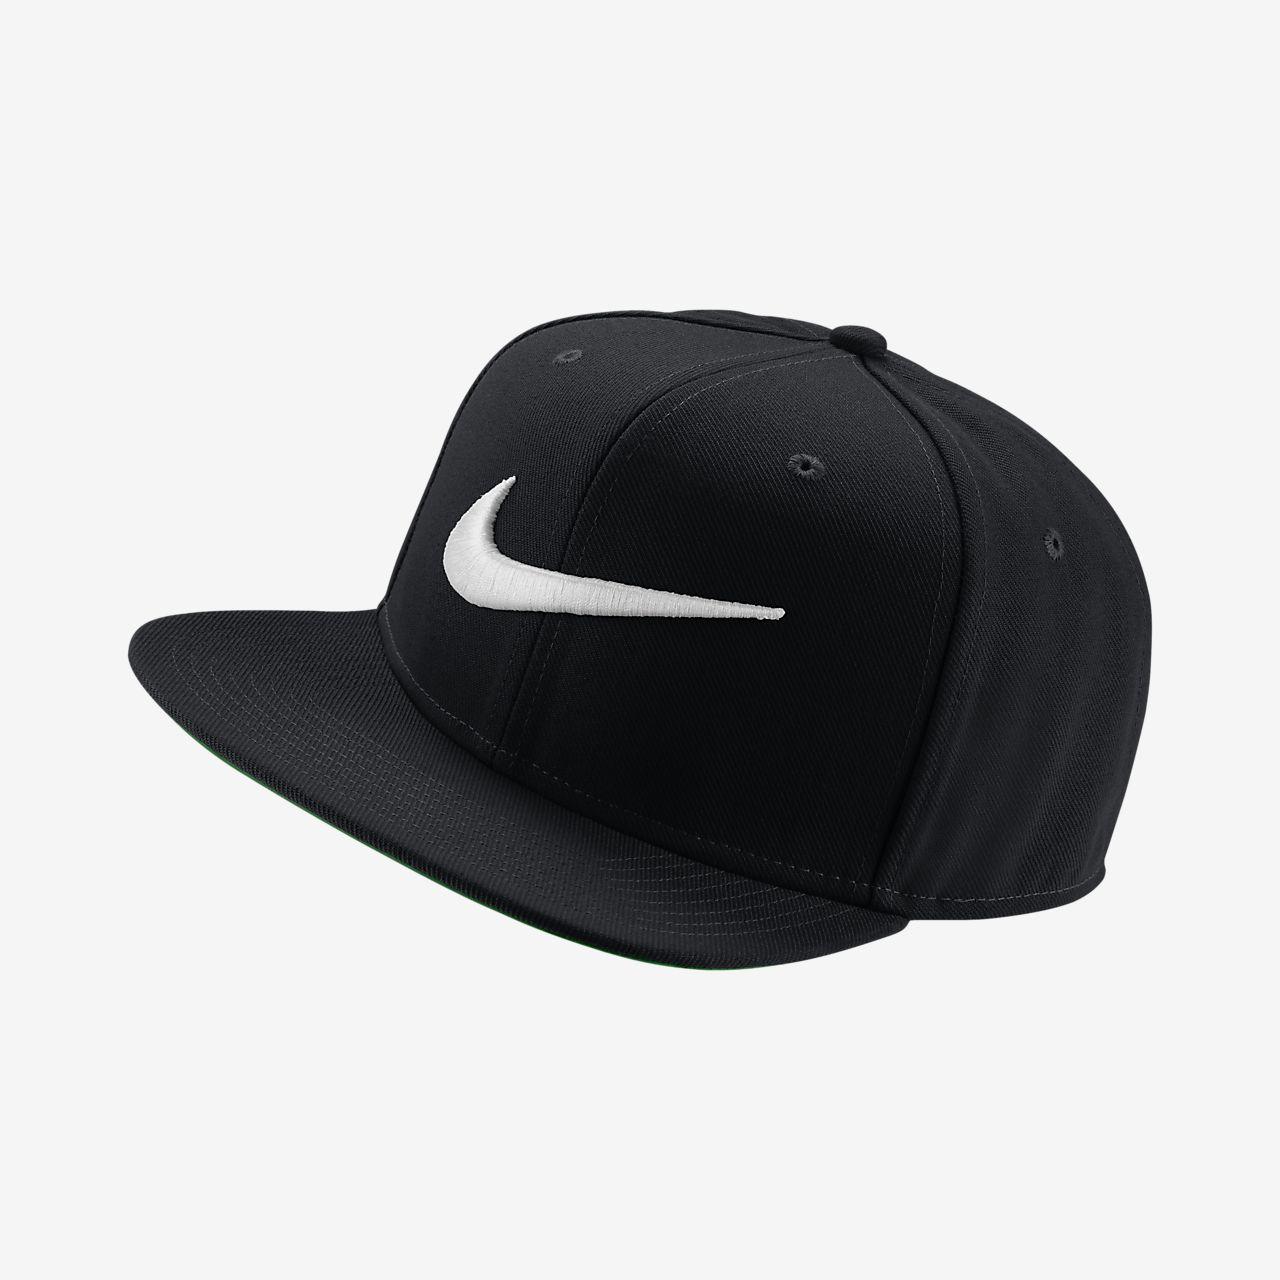 Boné ajustável Nike Sportswear Pro Swoosh